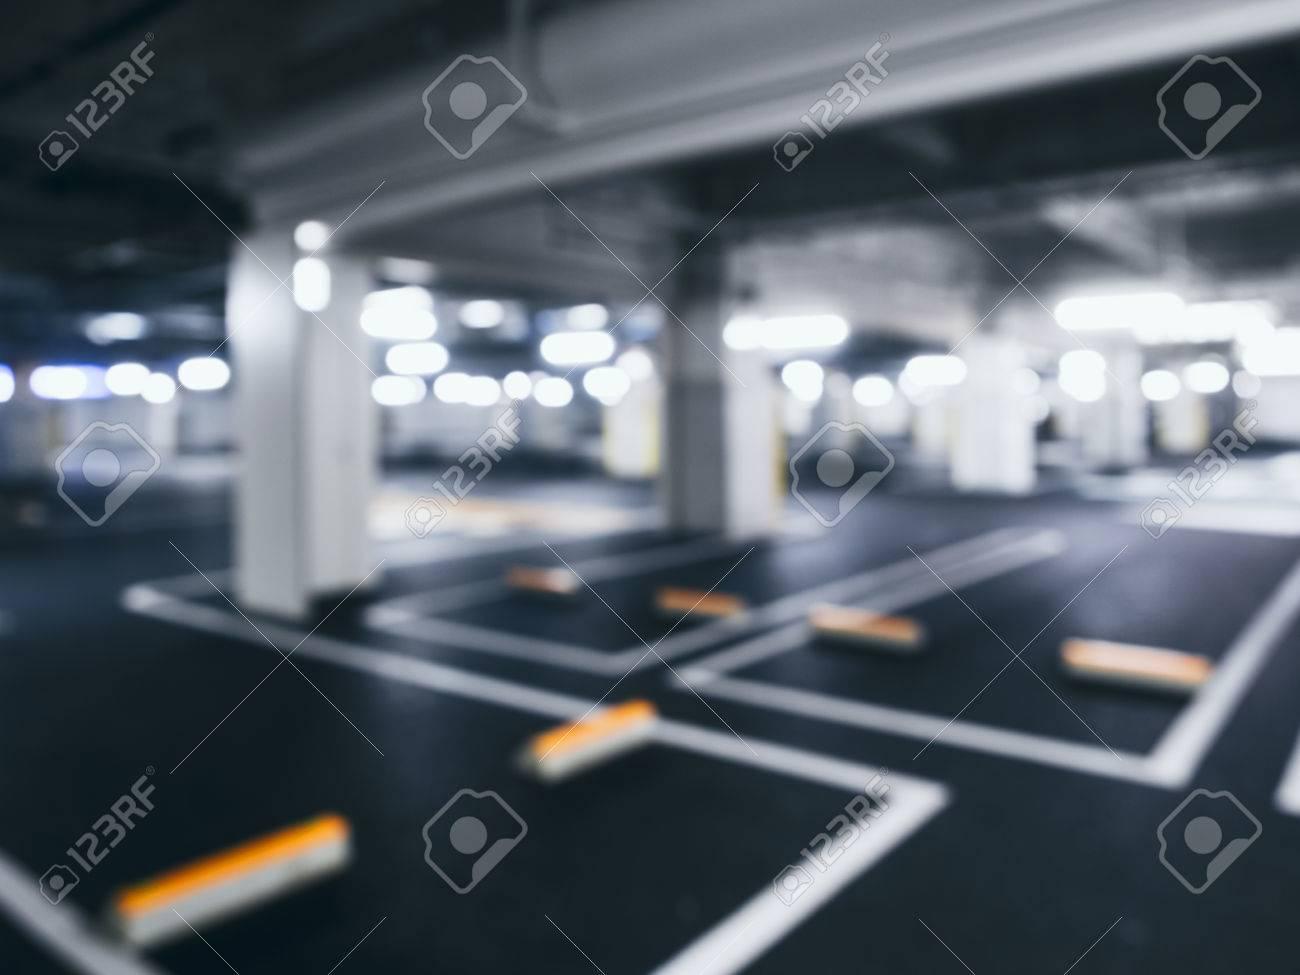 Blurred car park indoor Basement with Neon Lighting - 58149308